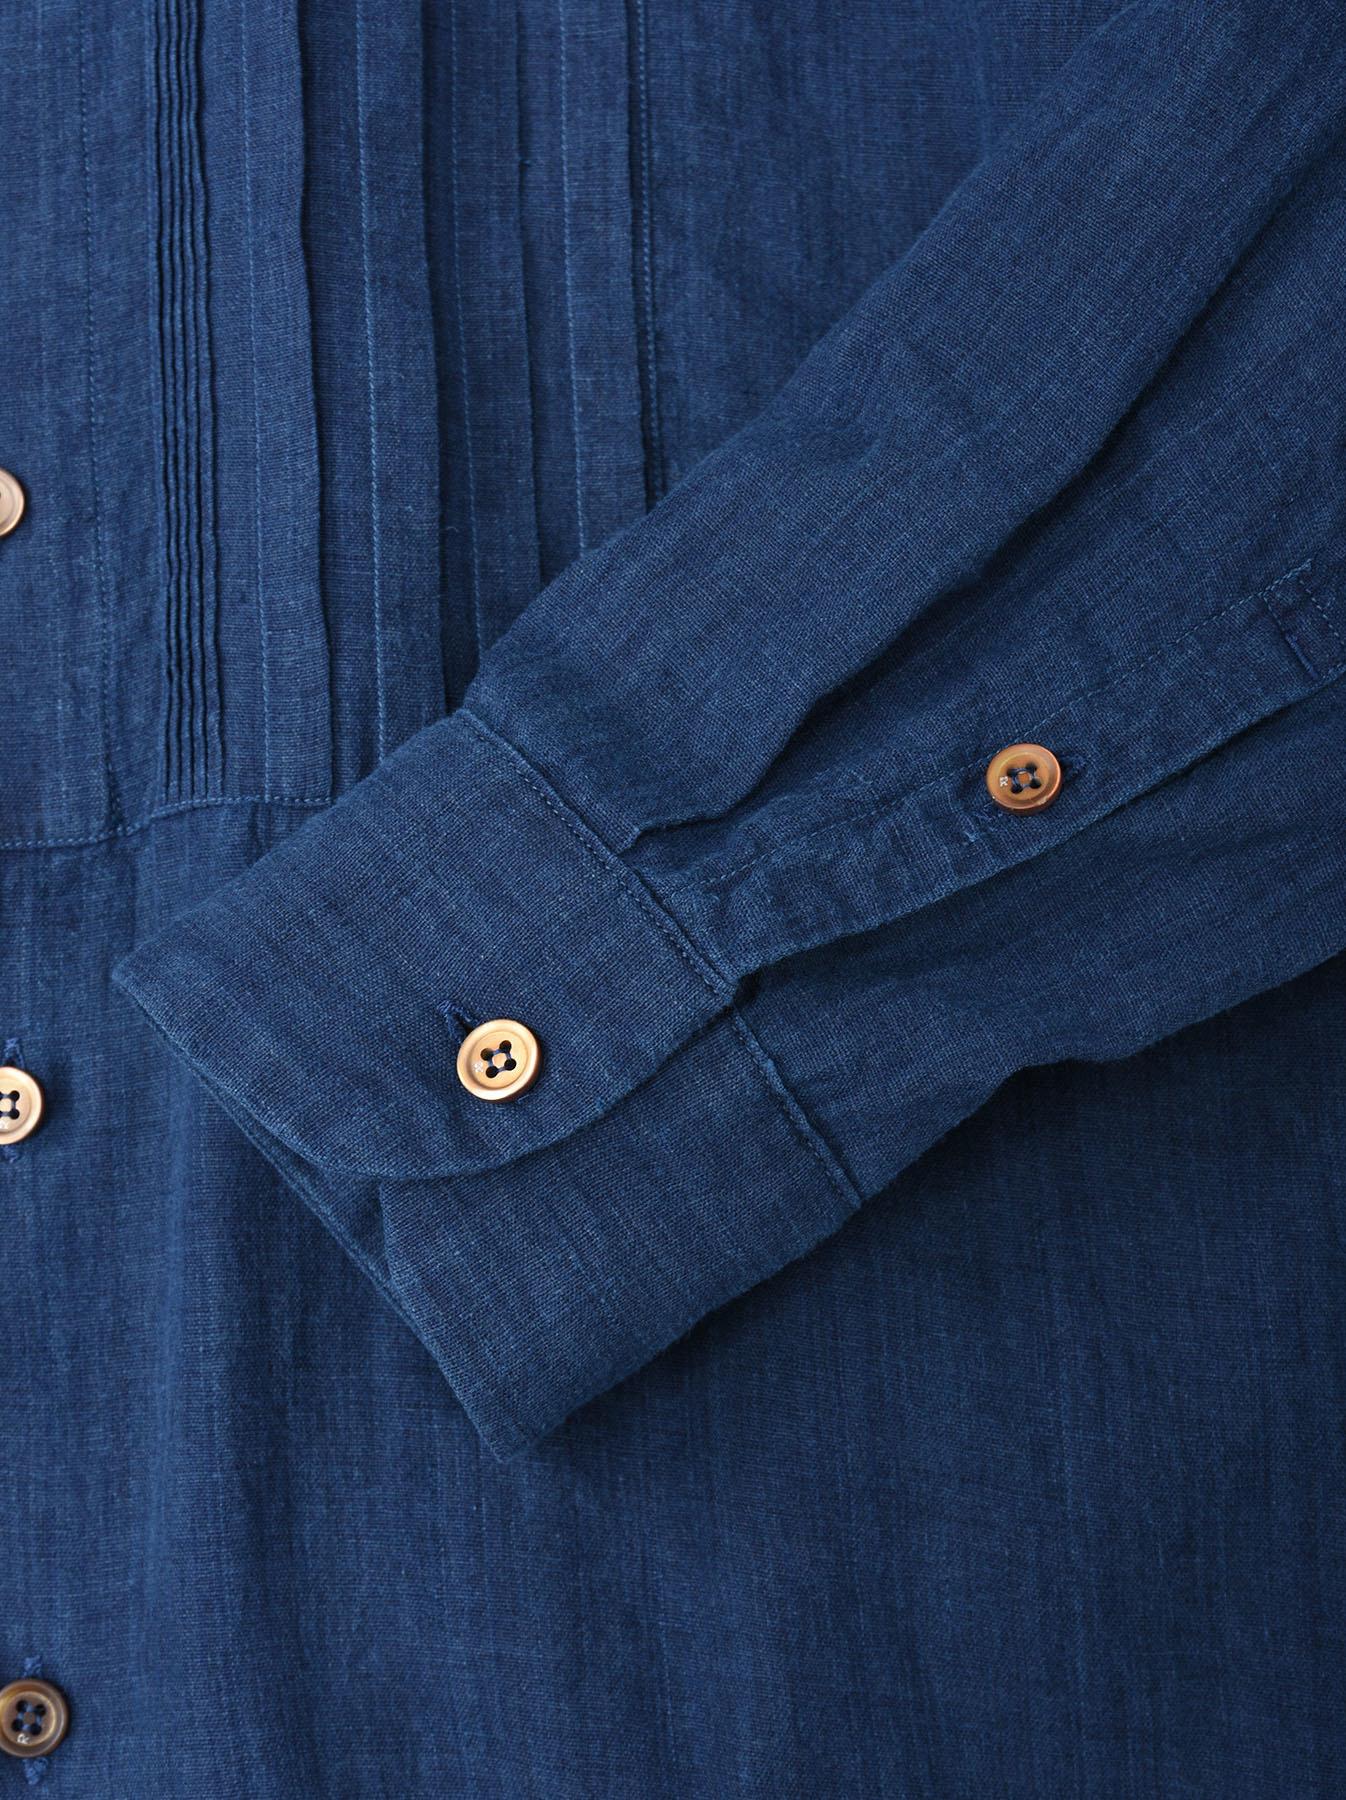 Ai Khadi Pin-tuck Shirt-10